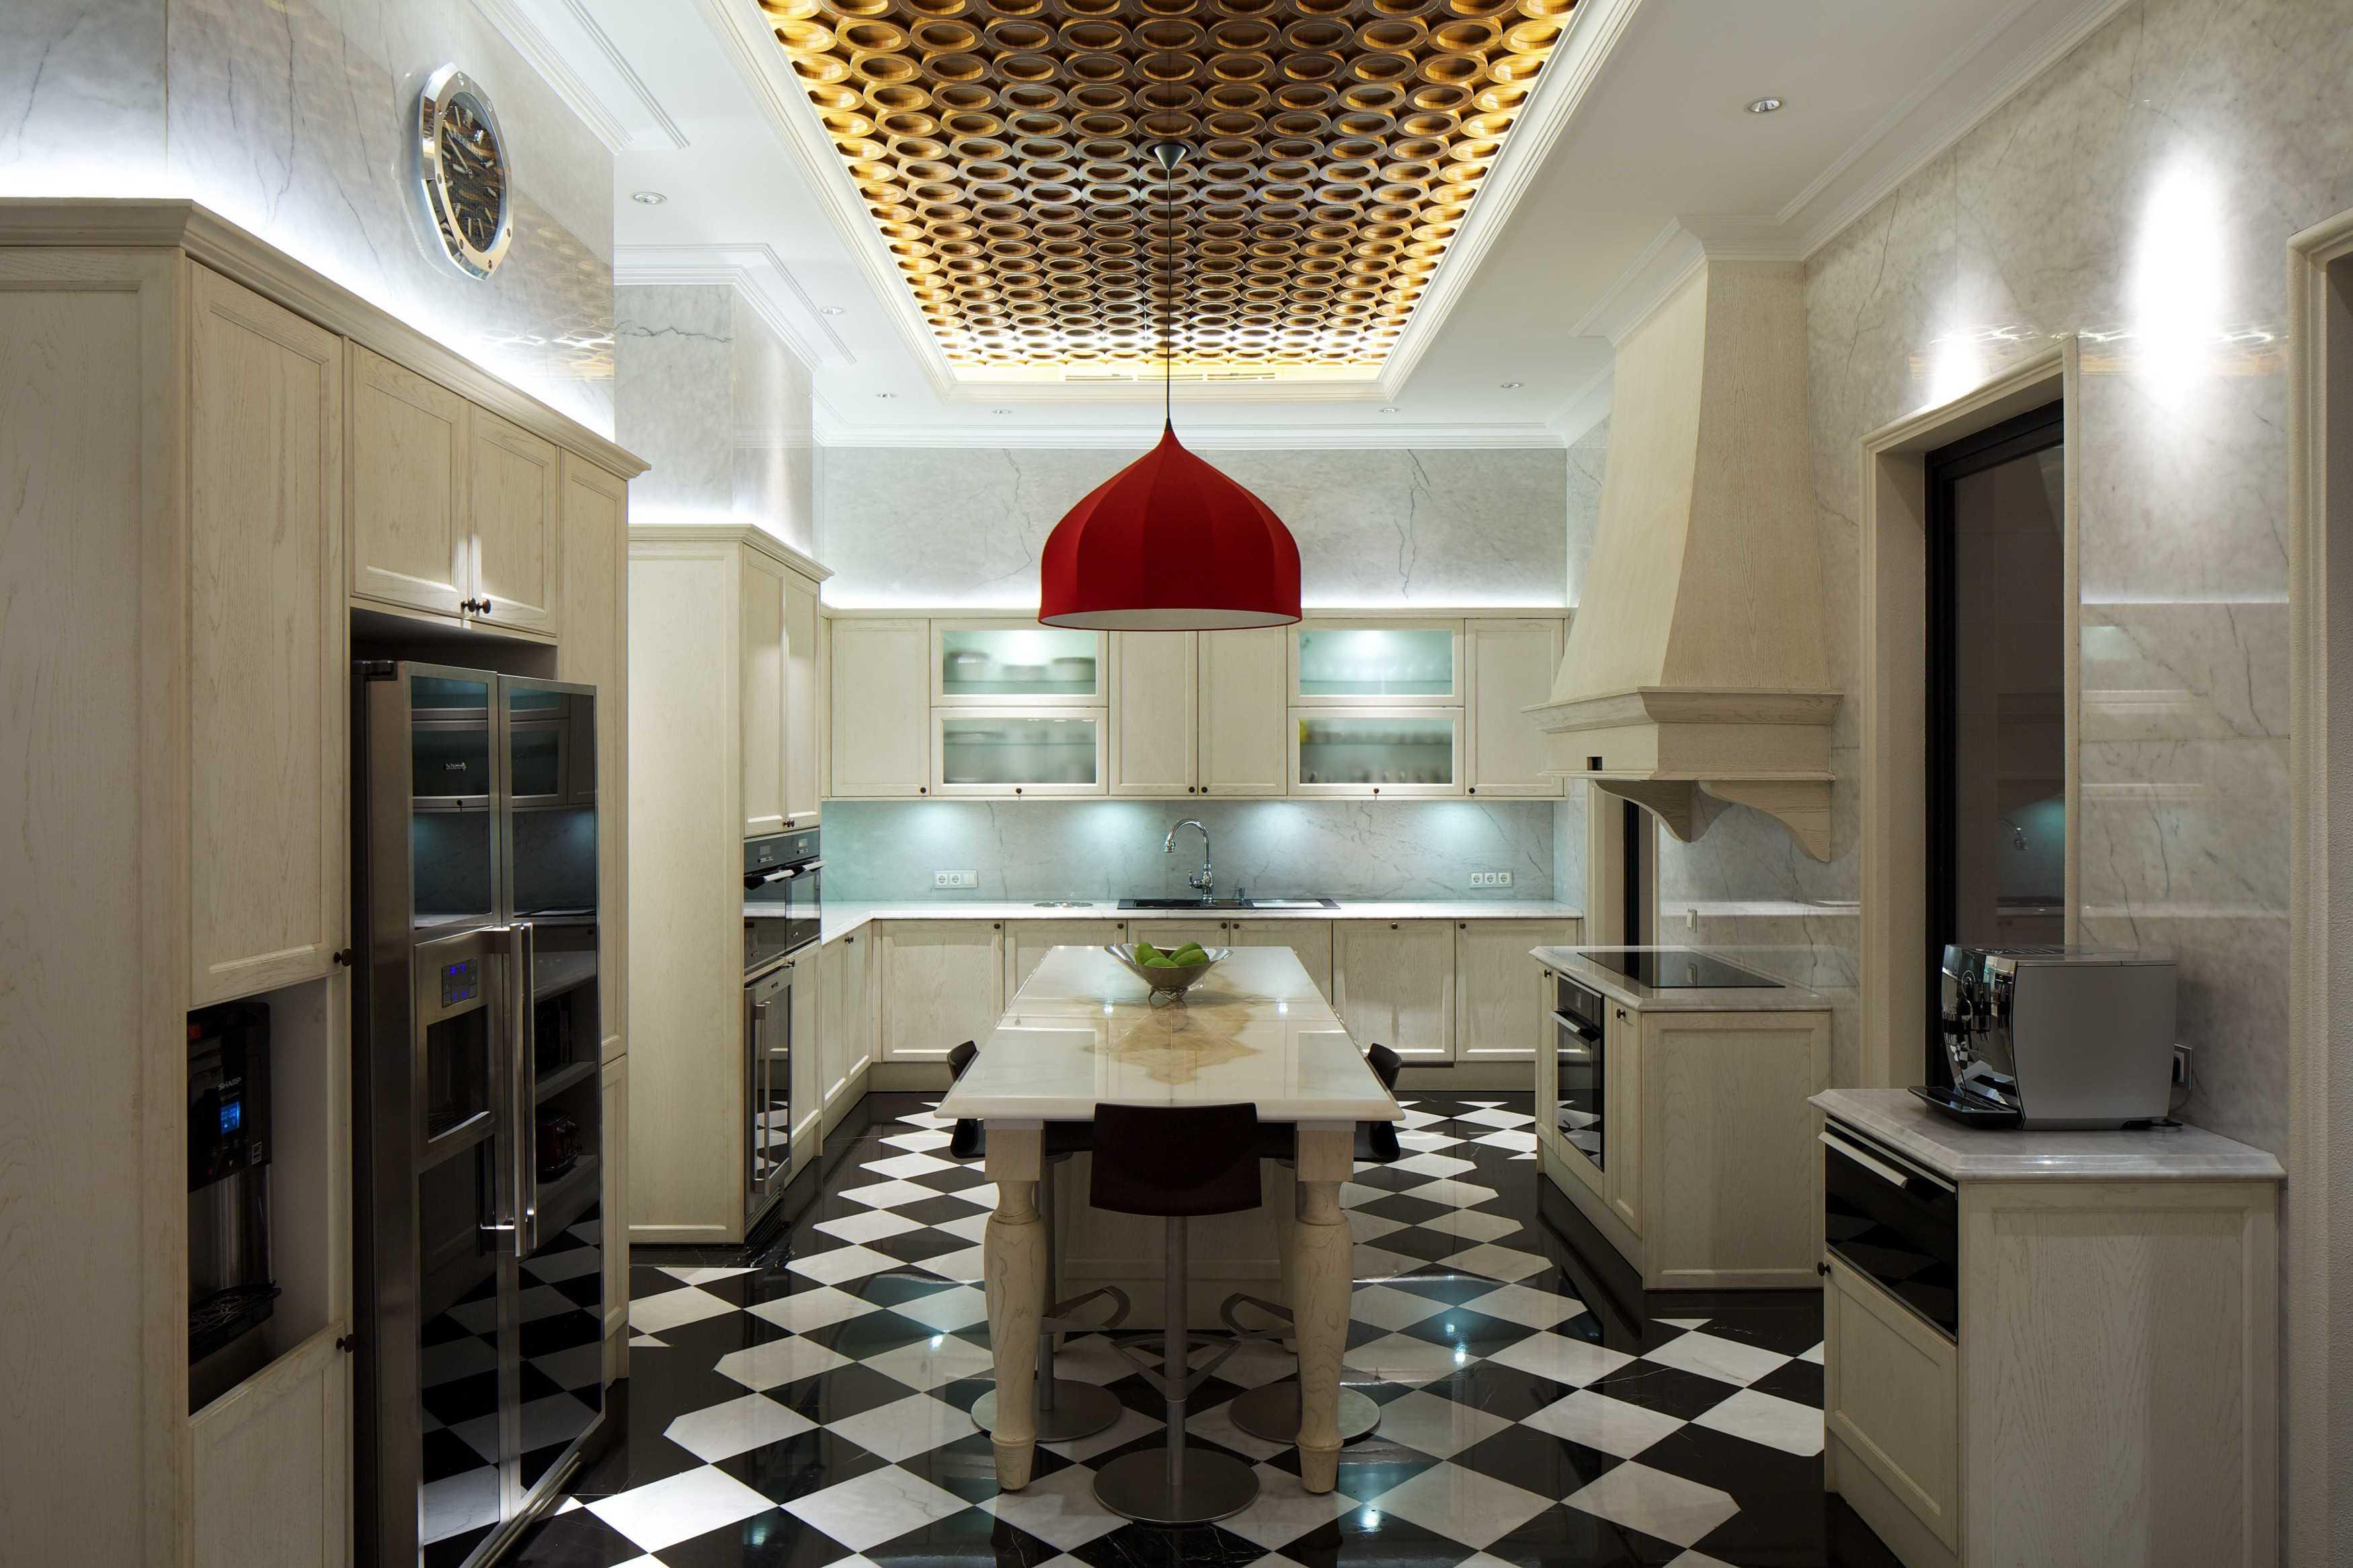 Vin•da•te Mayang Permai Residence Pantai Indah Kapuk - North Jakarta Pantai Indah Kapuk - North Jakarta Kitchen Kontemporer  17152